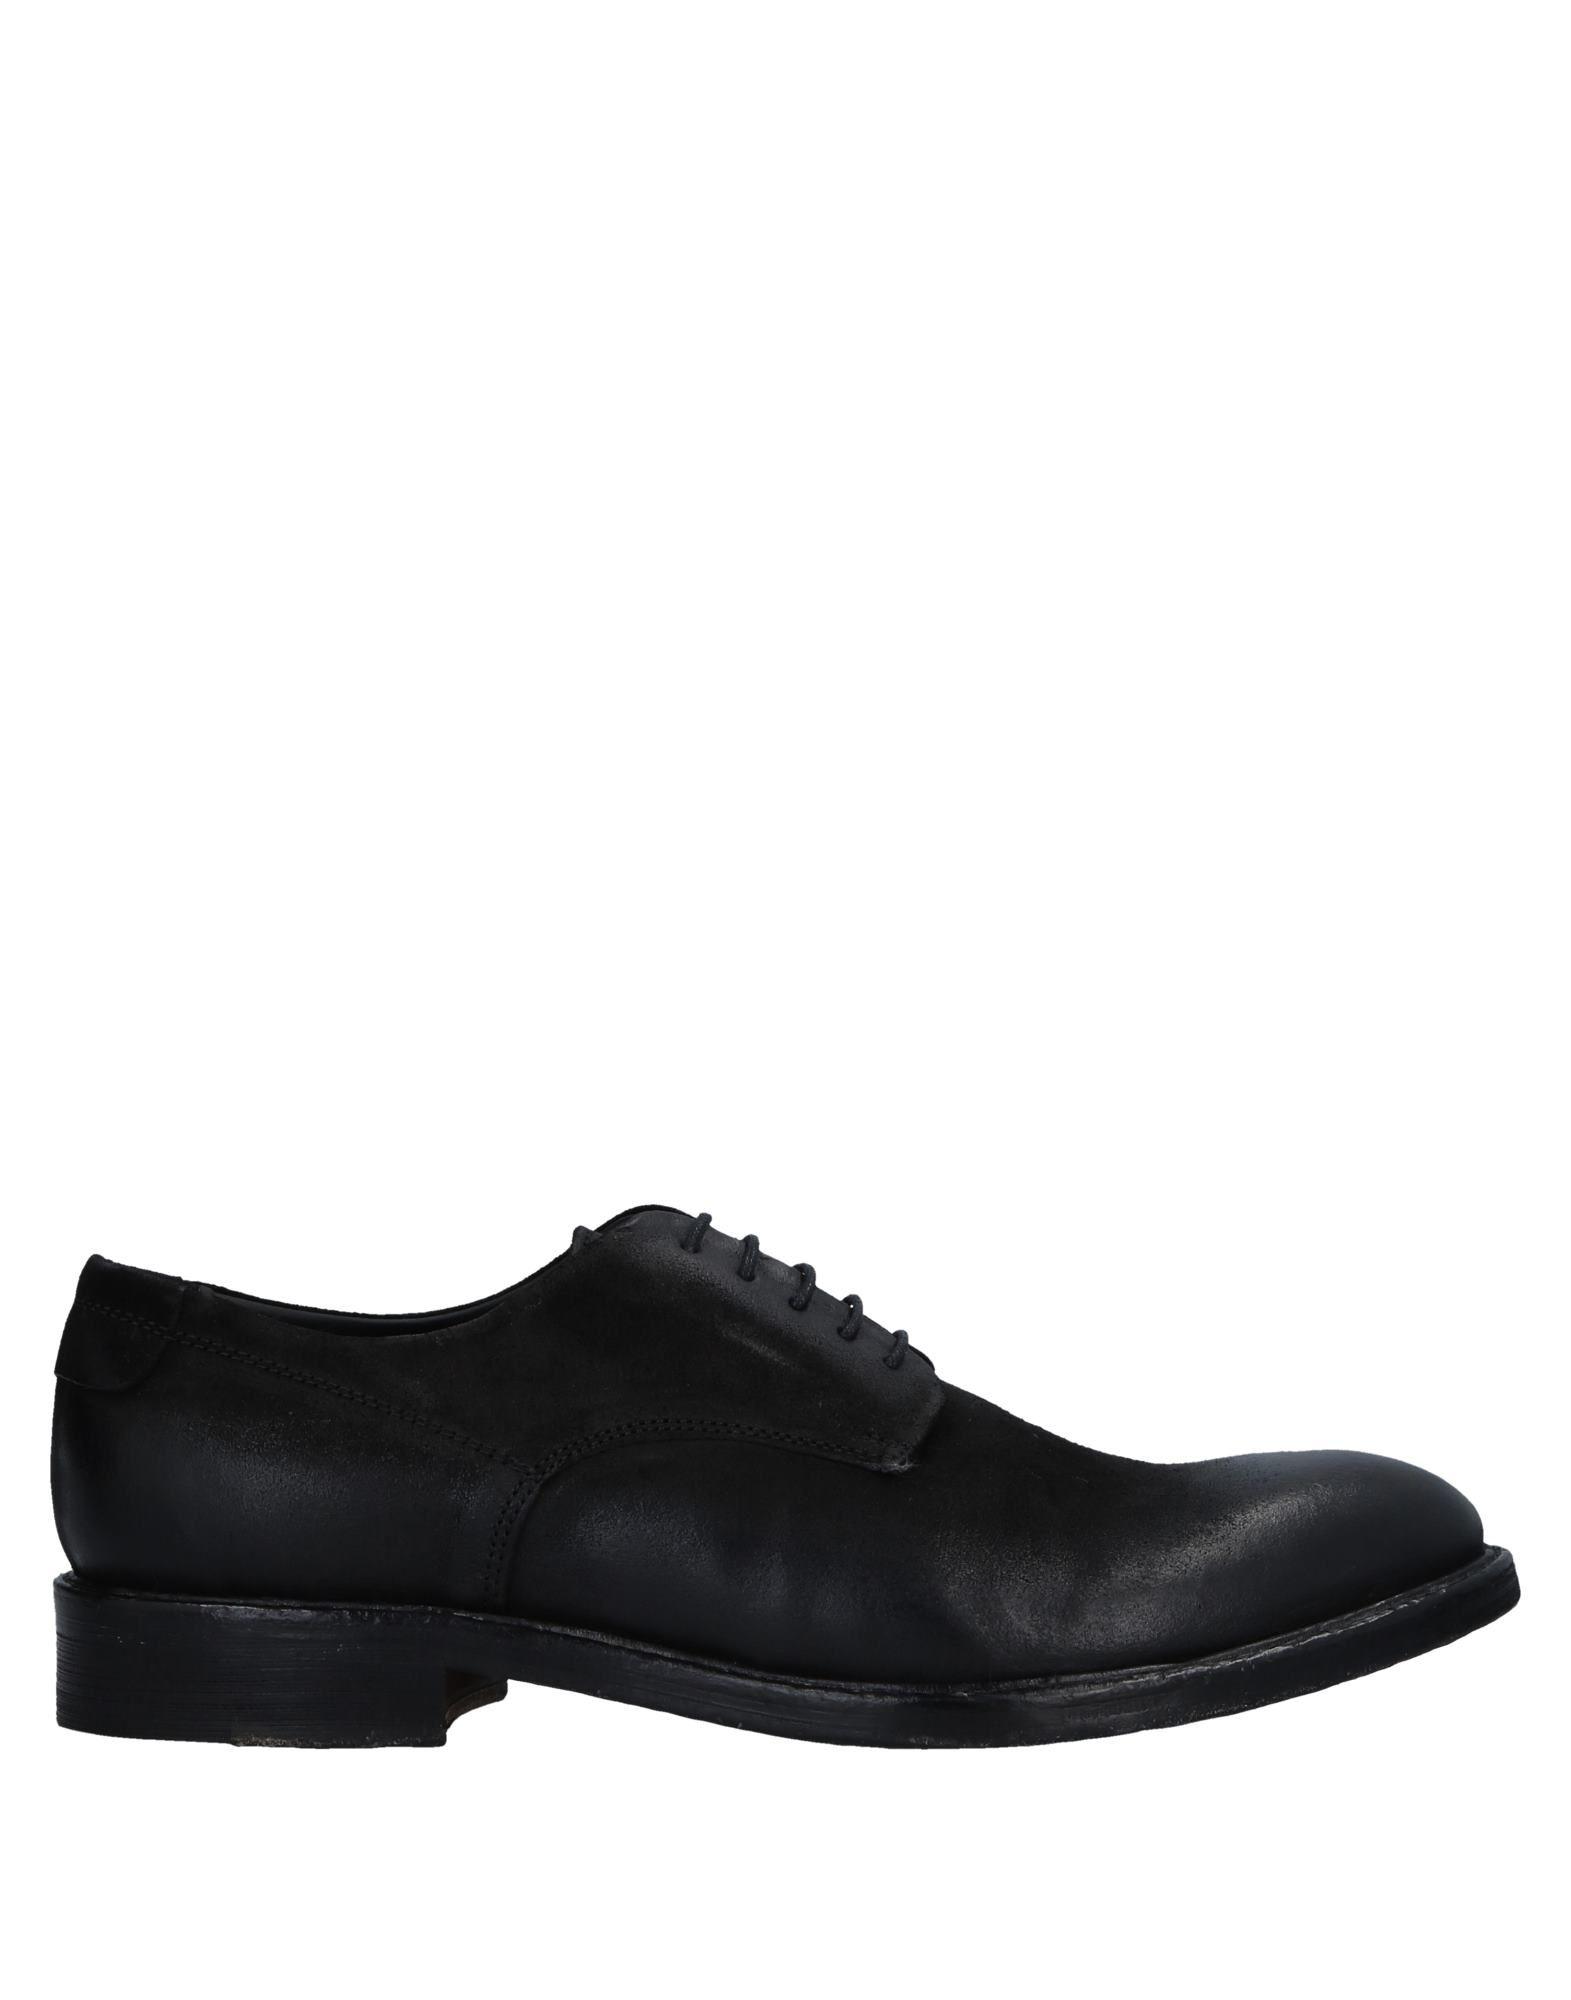 Savio Barbato Schnürschuhe Herren  11535451CL Gute Qualität beliebte Schuhe